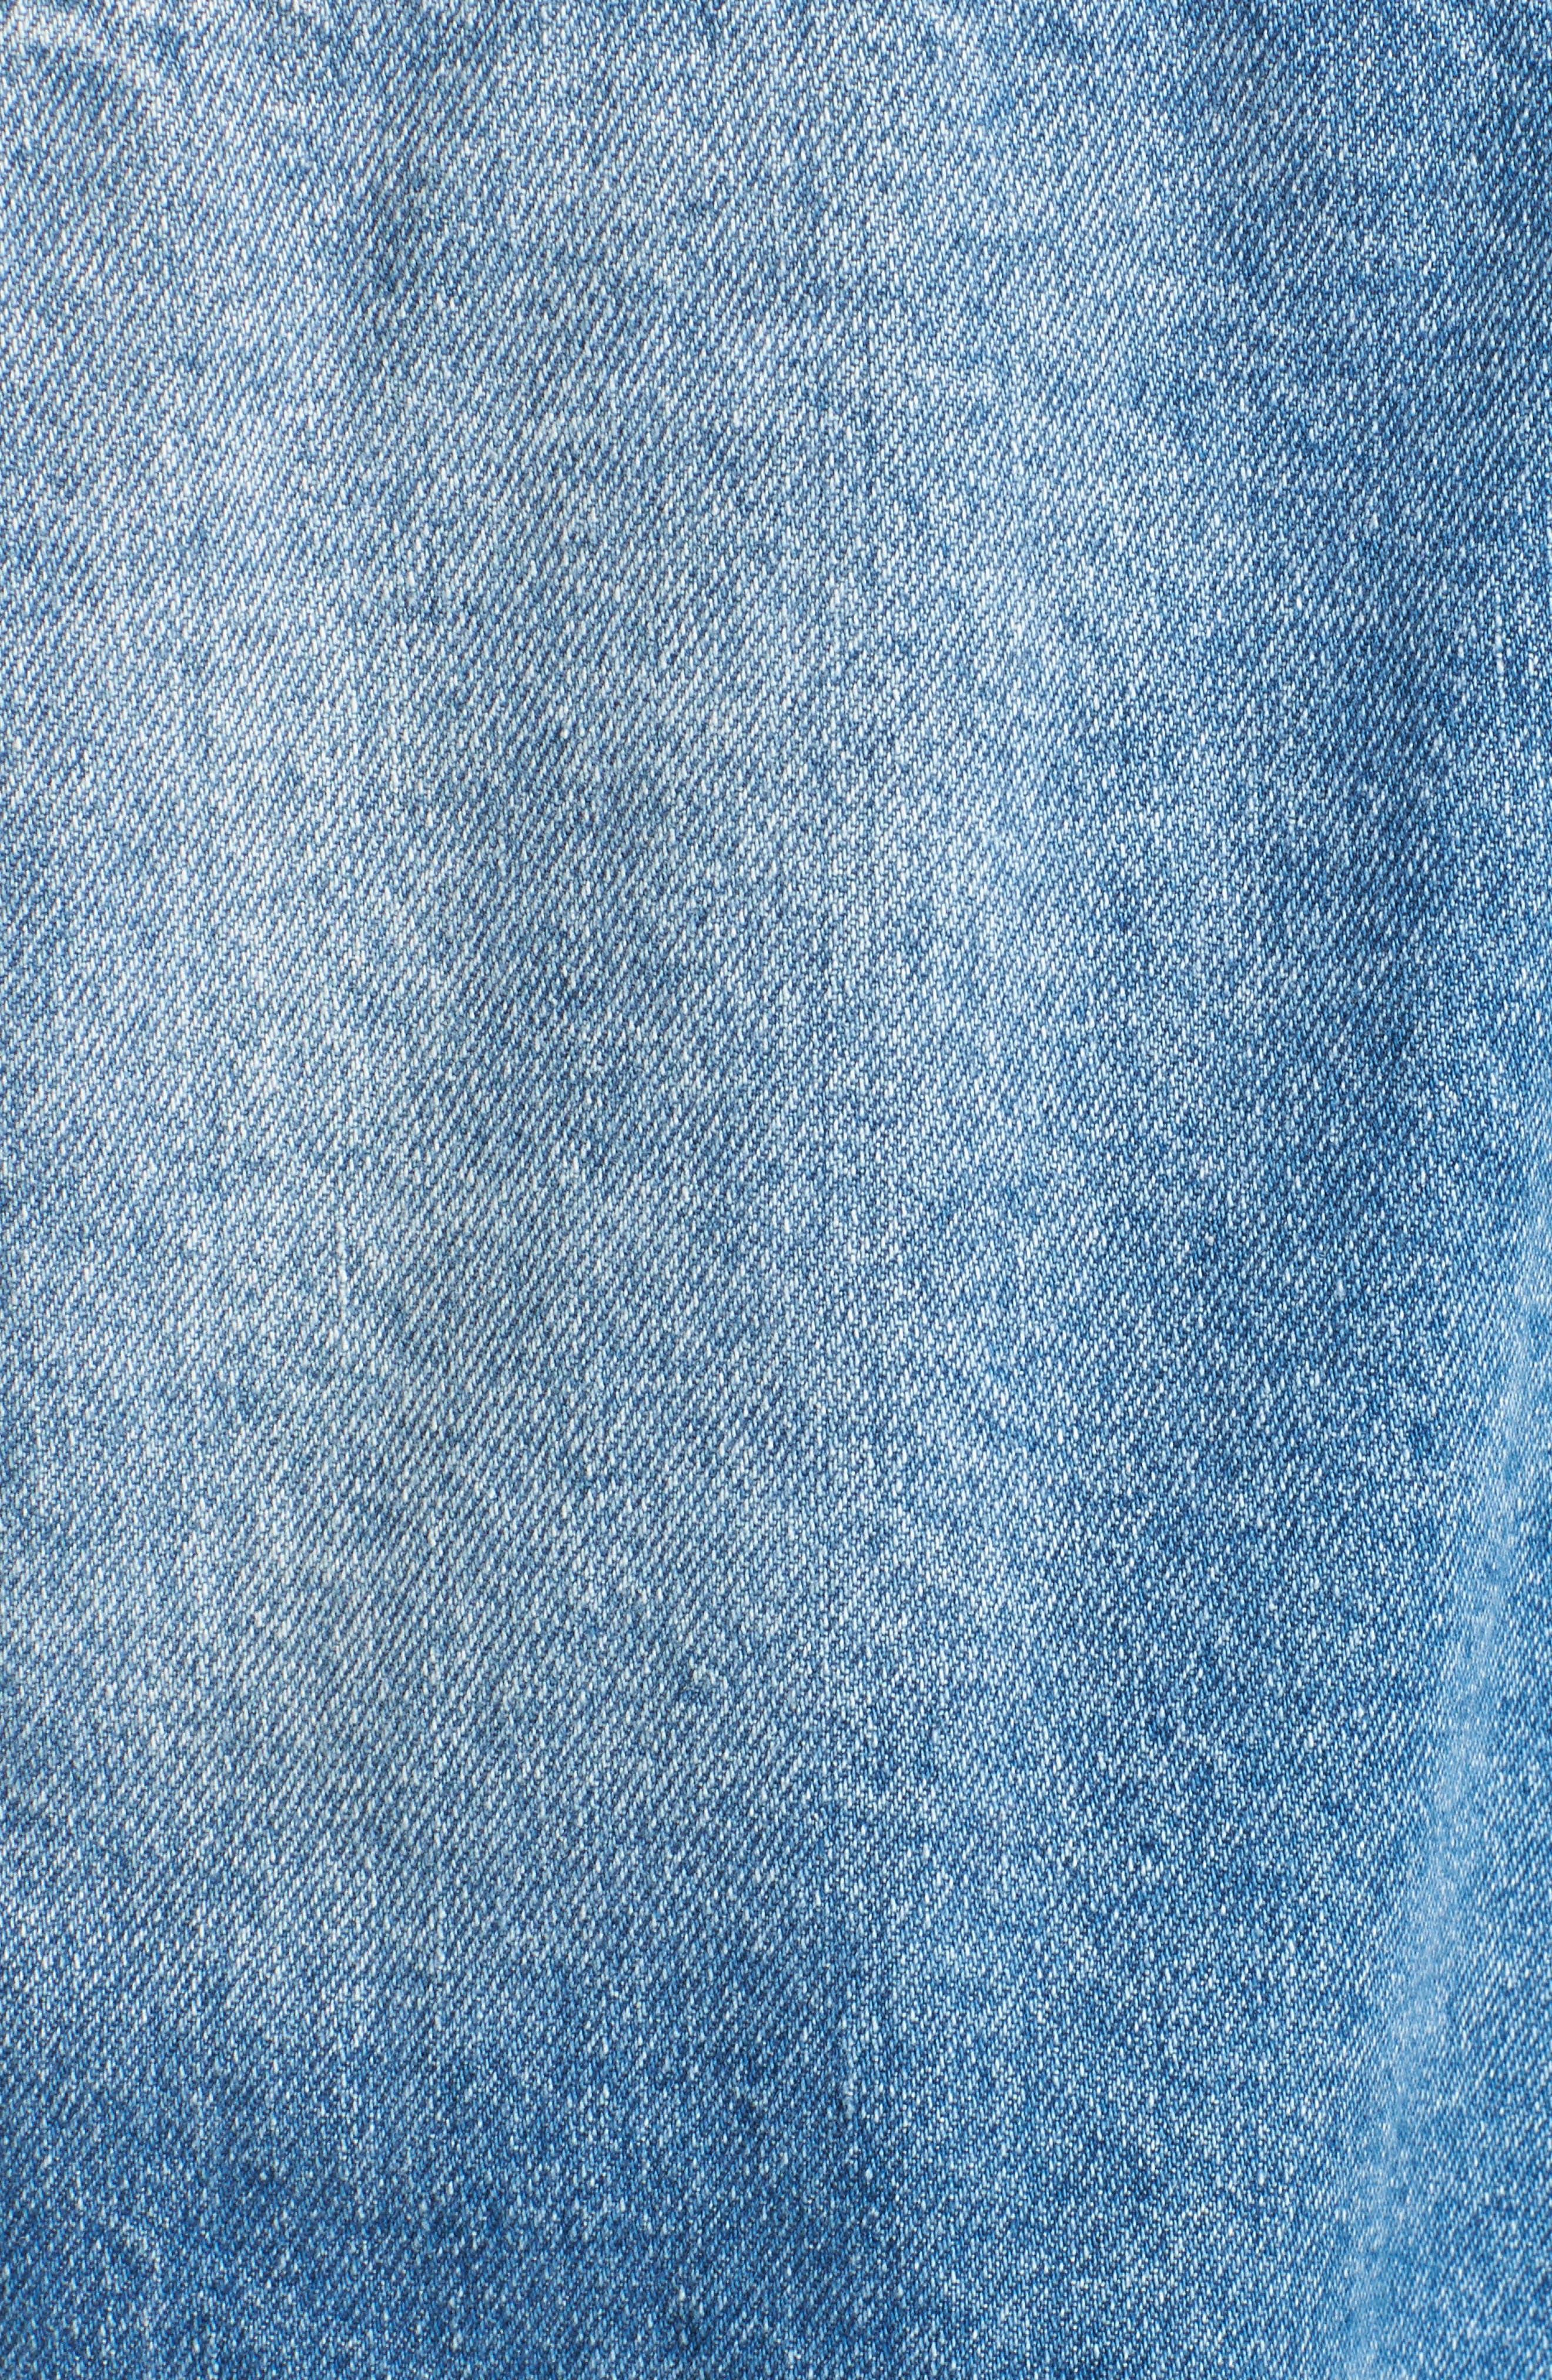 Decon Longline Denim Jacket,                             Alternate thumbnail 6, color,                             450